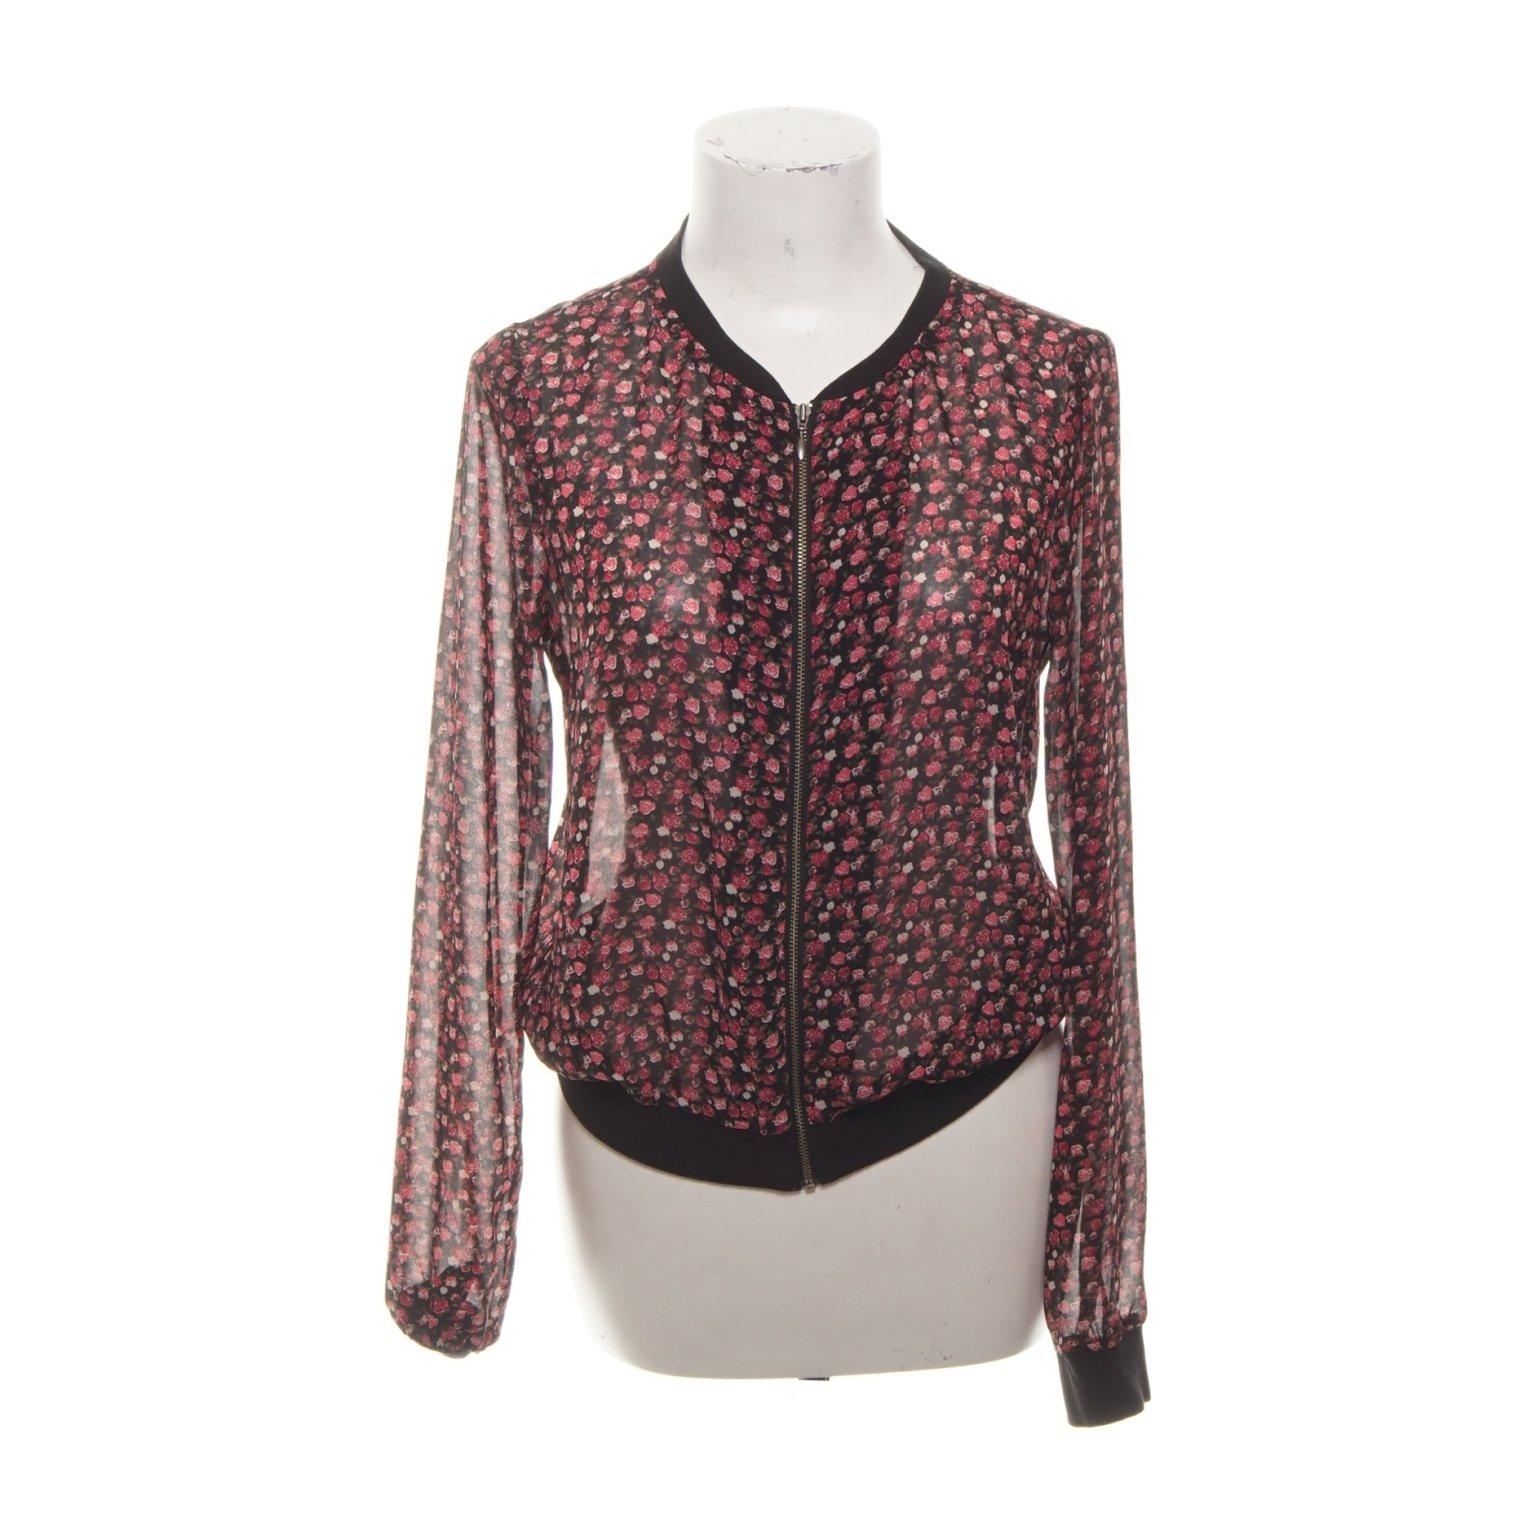 webbutik utförsäljning nytt billigt VILA Clothes, Bomberjacka, Strl: S, Rosa/.. (364889734) ᐈ Sellpy ...